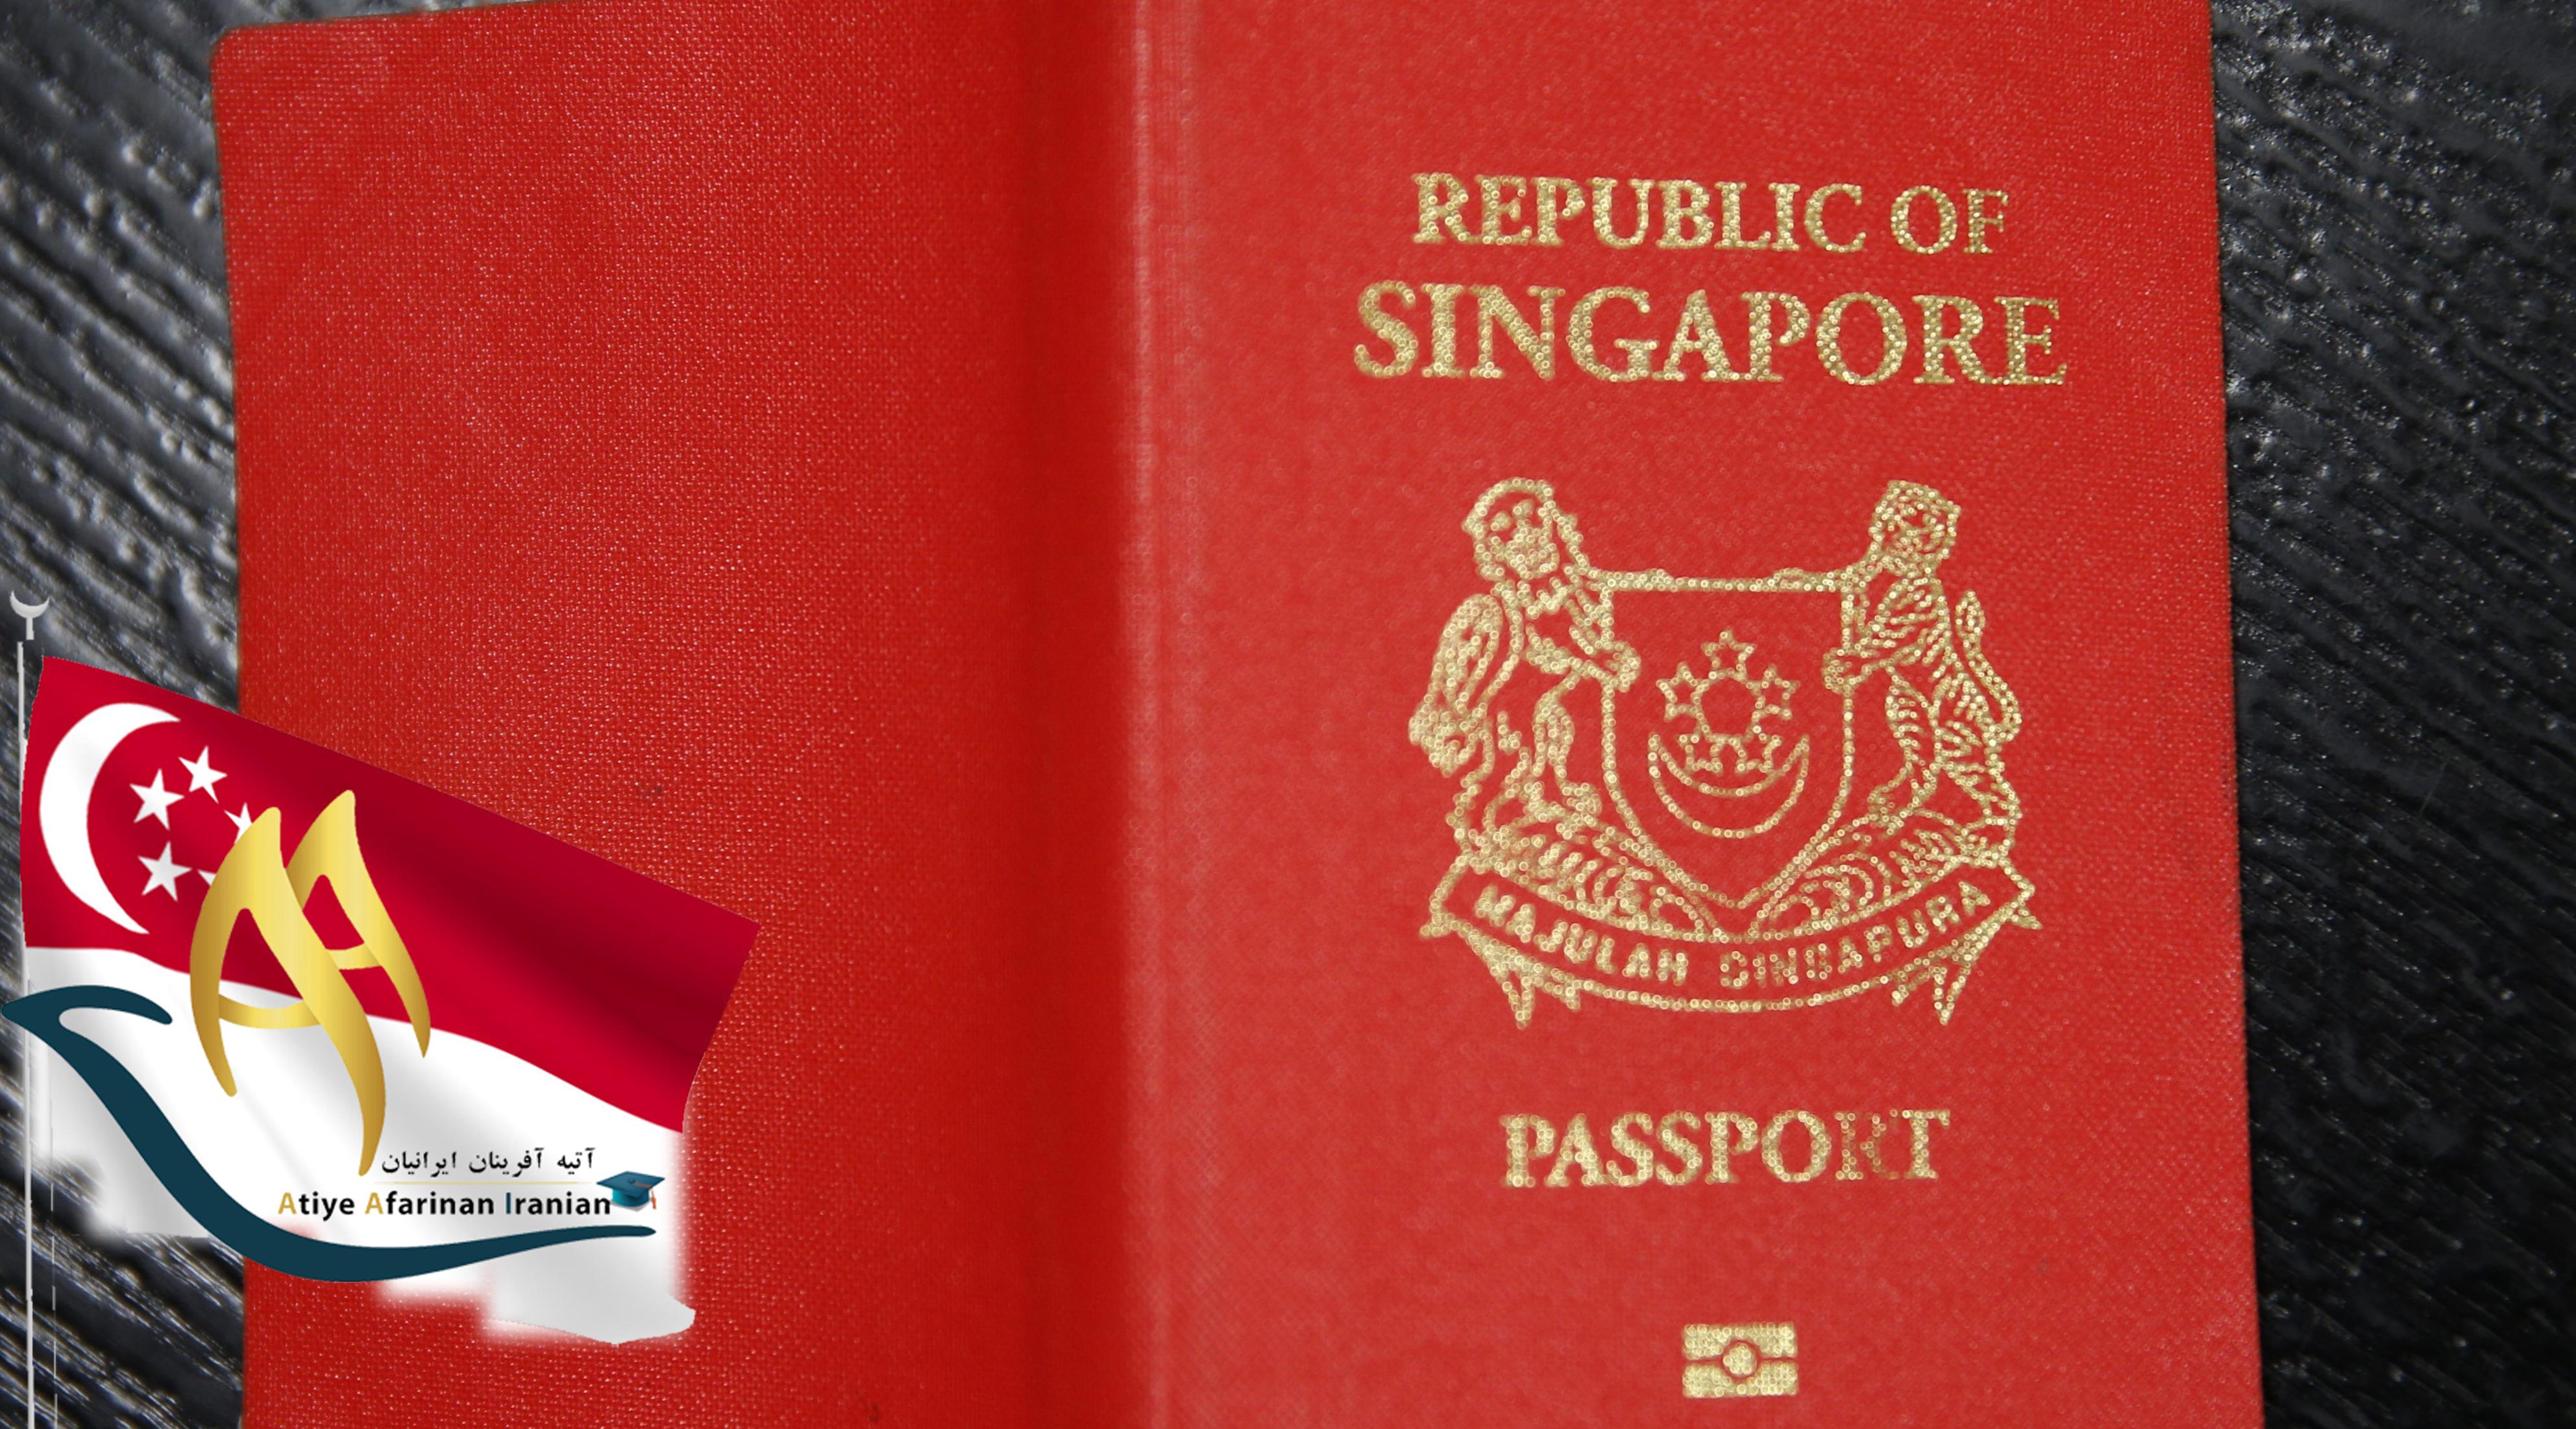 اقامت و تابعیت در سنگاپور